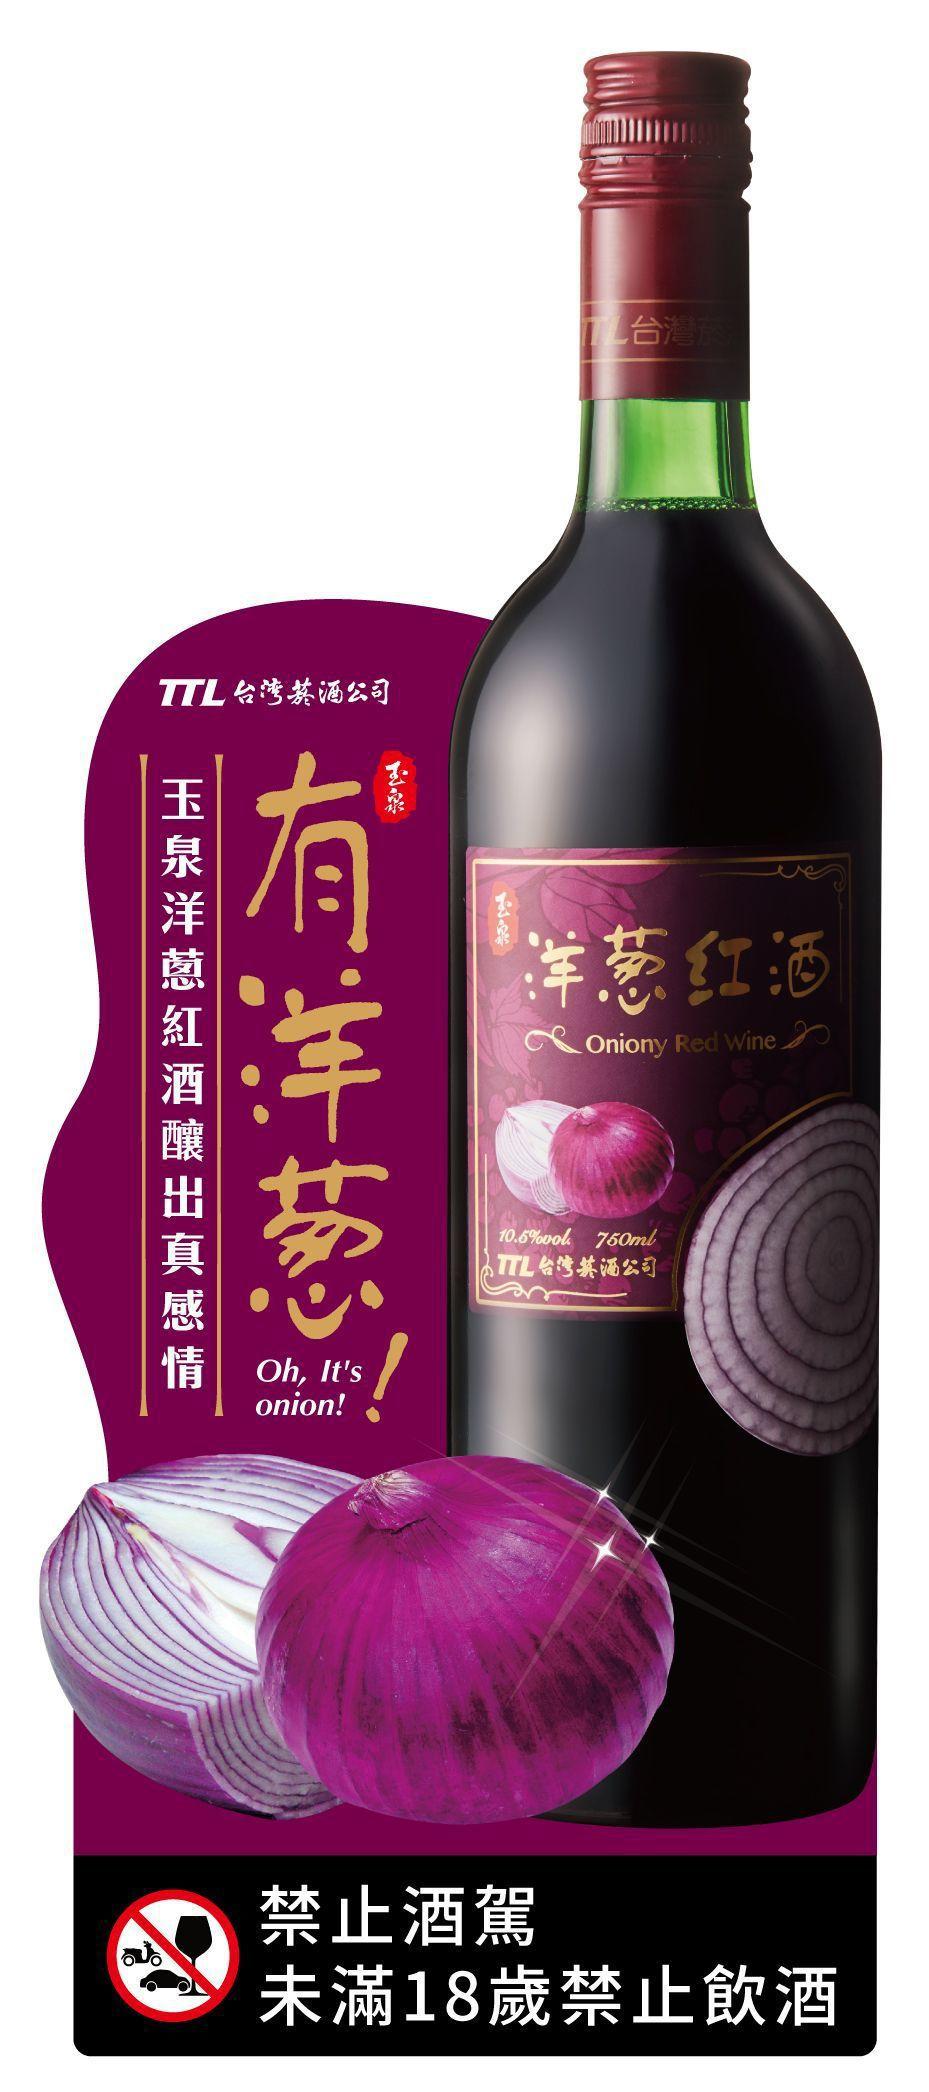 玉泉洋蔥紅酒釀出真感情。台酒/提供